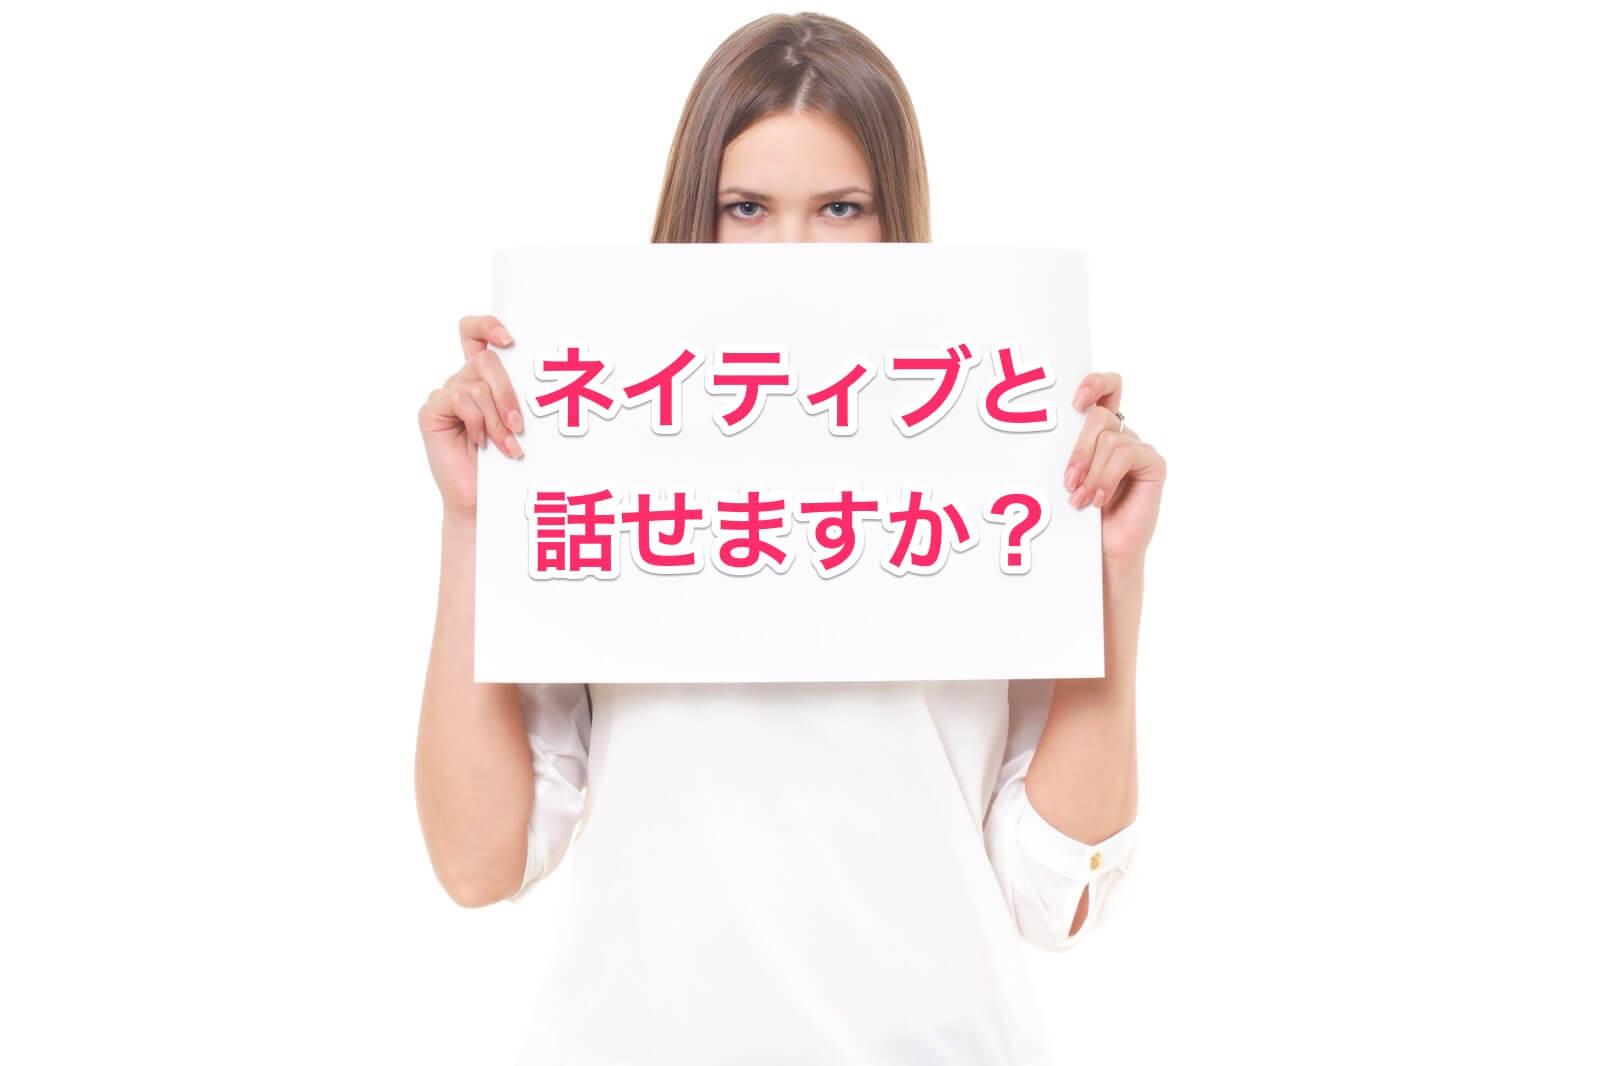 Mainichi Eikaiwa【無料体験レッスン】ネイティブ講師の授業で評判だけど、実際どうなの?【PR】